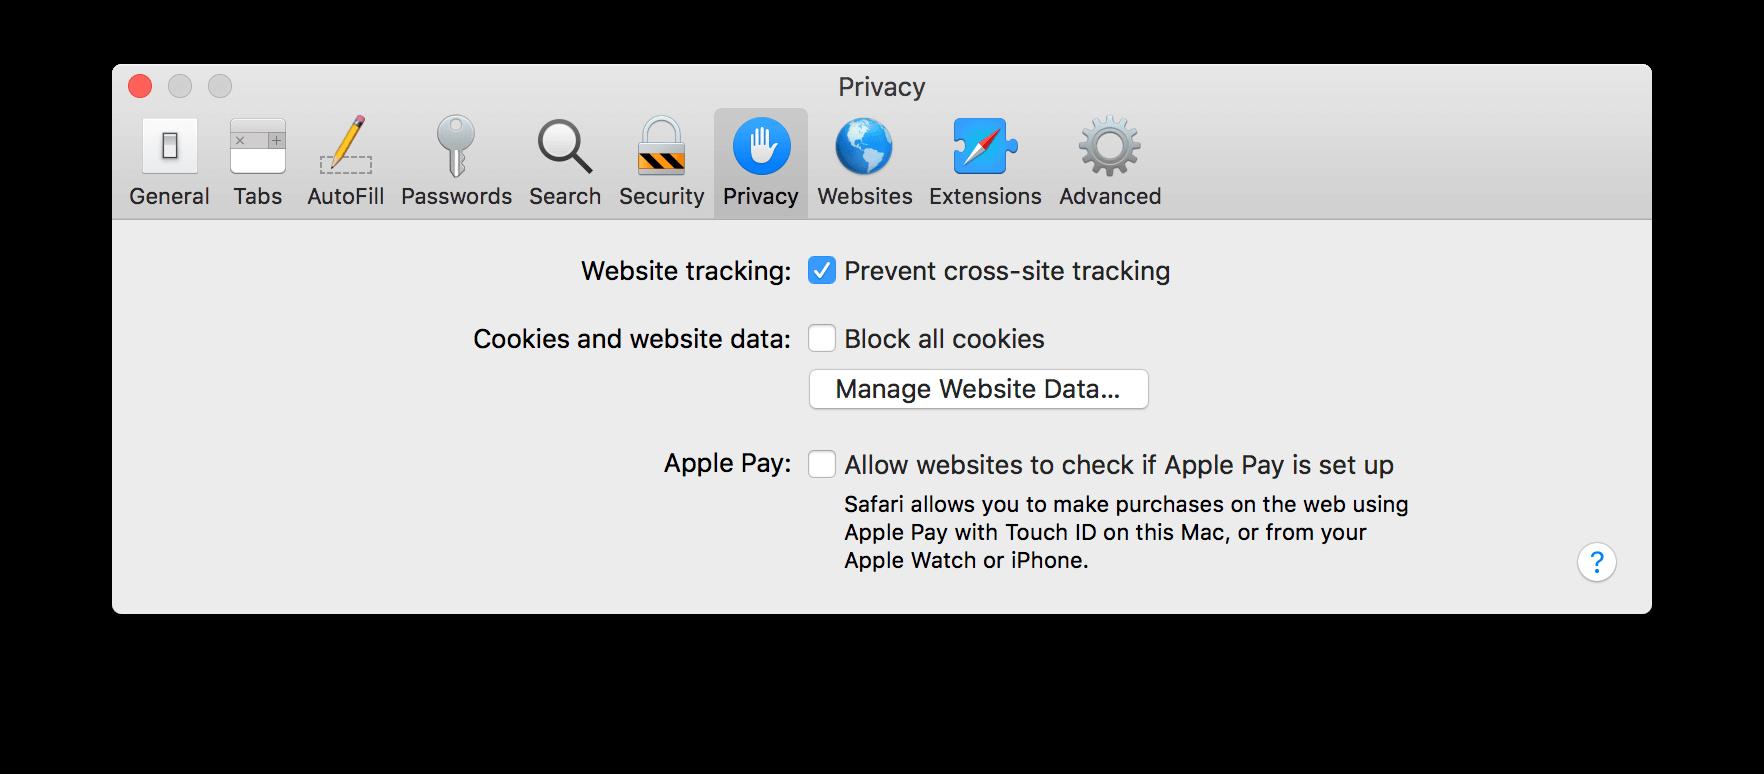 Privacy options in Safari preferences